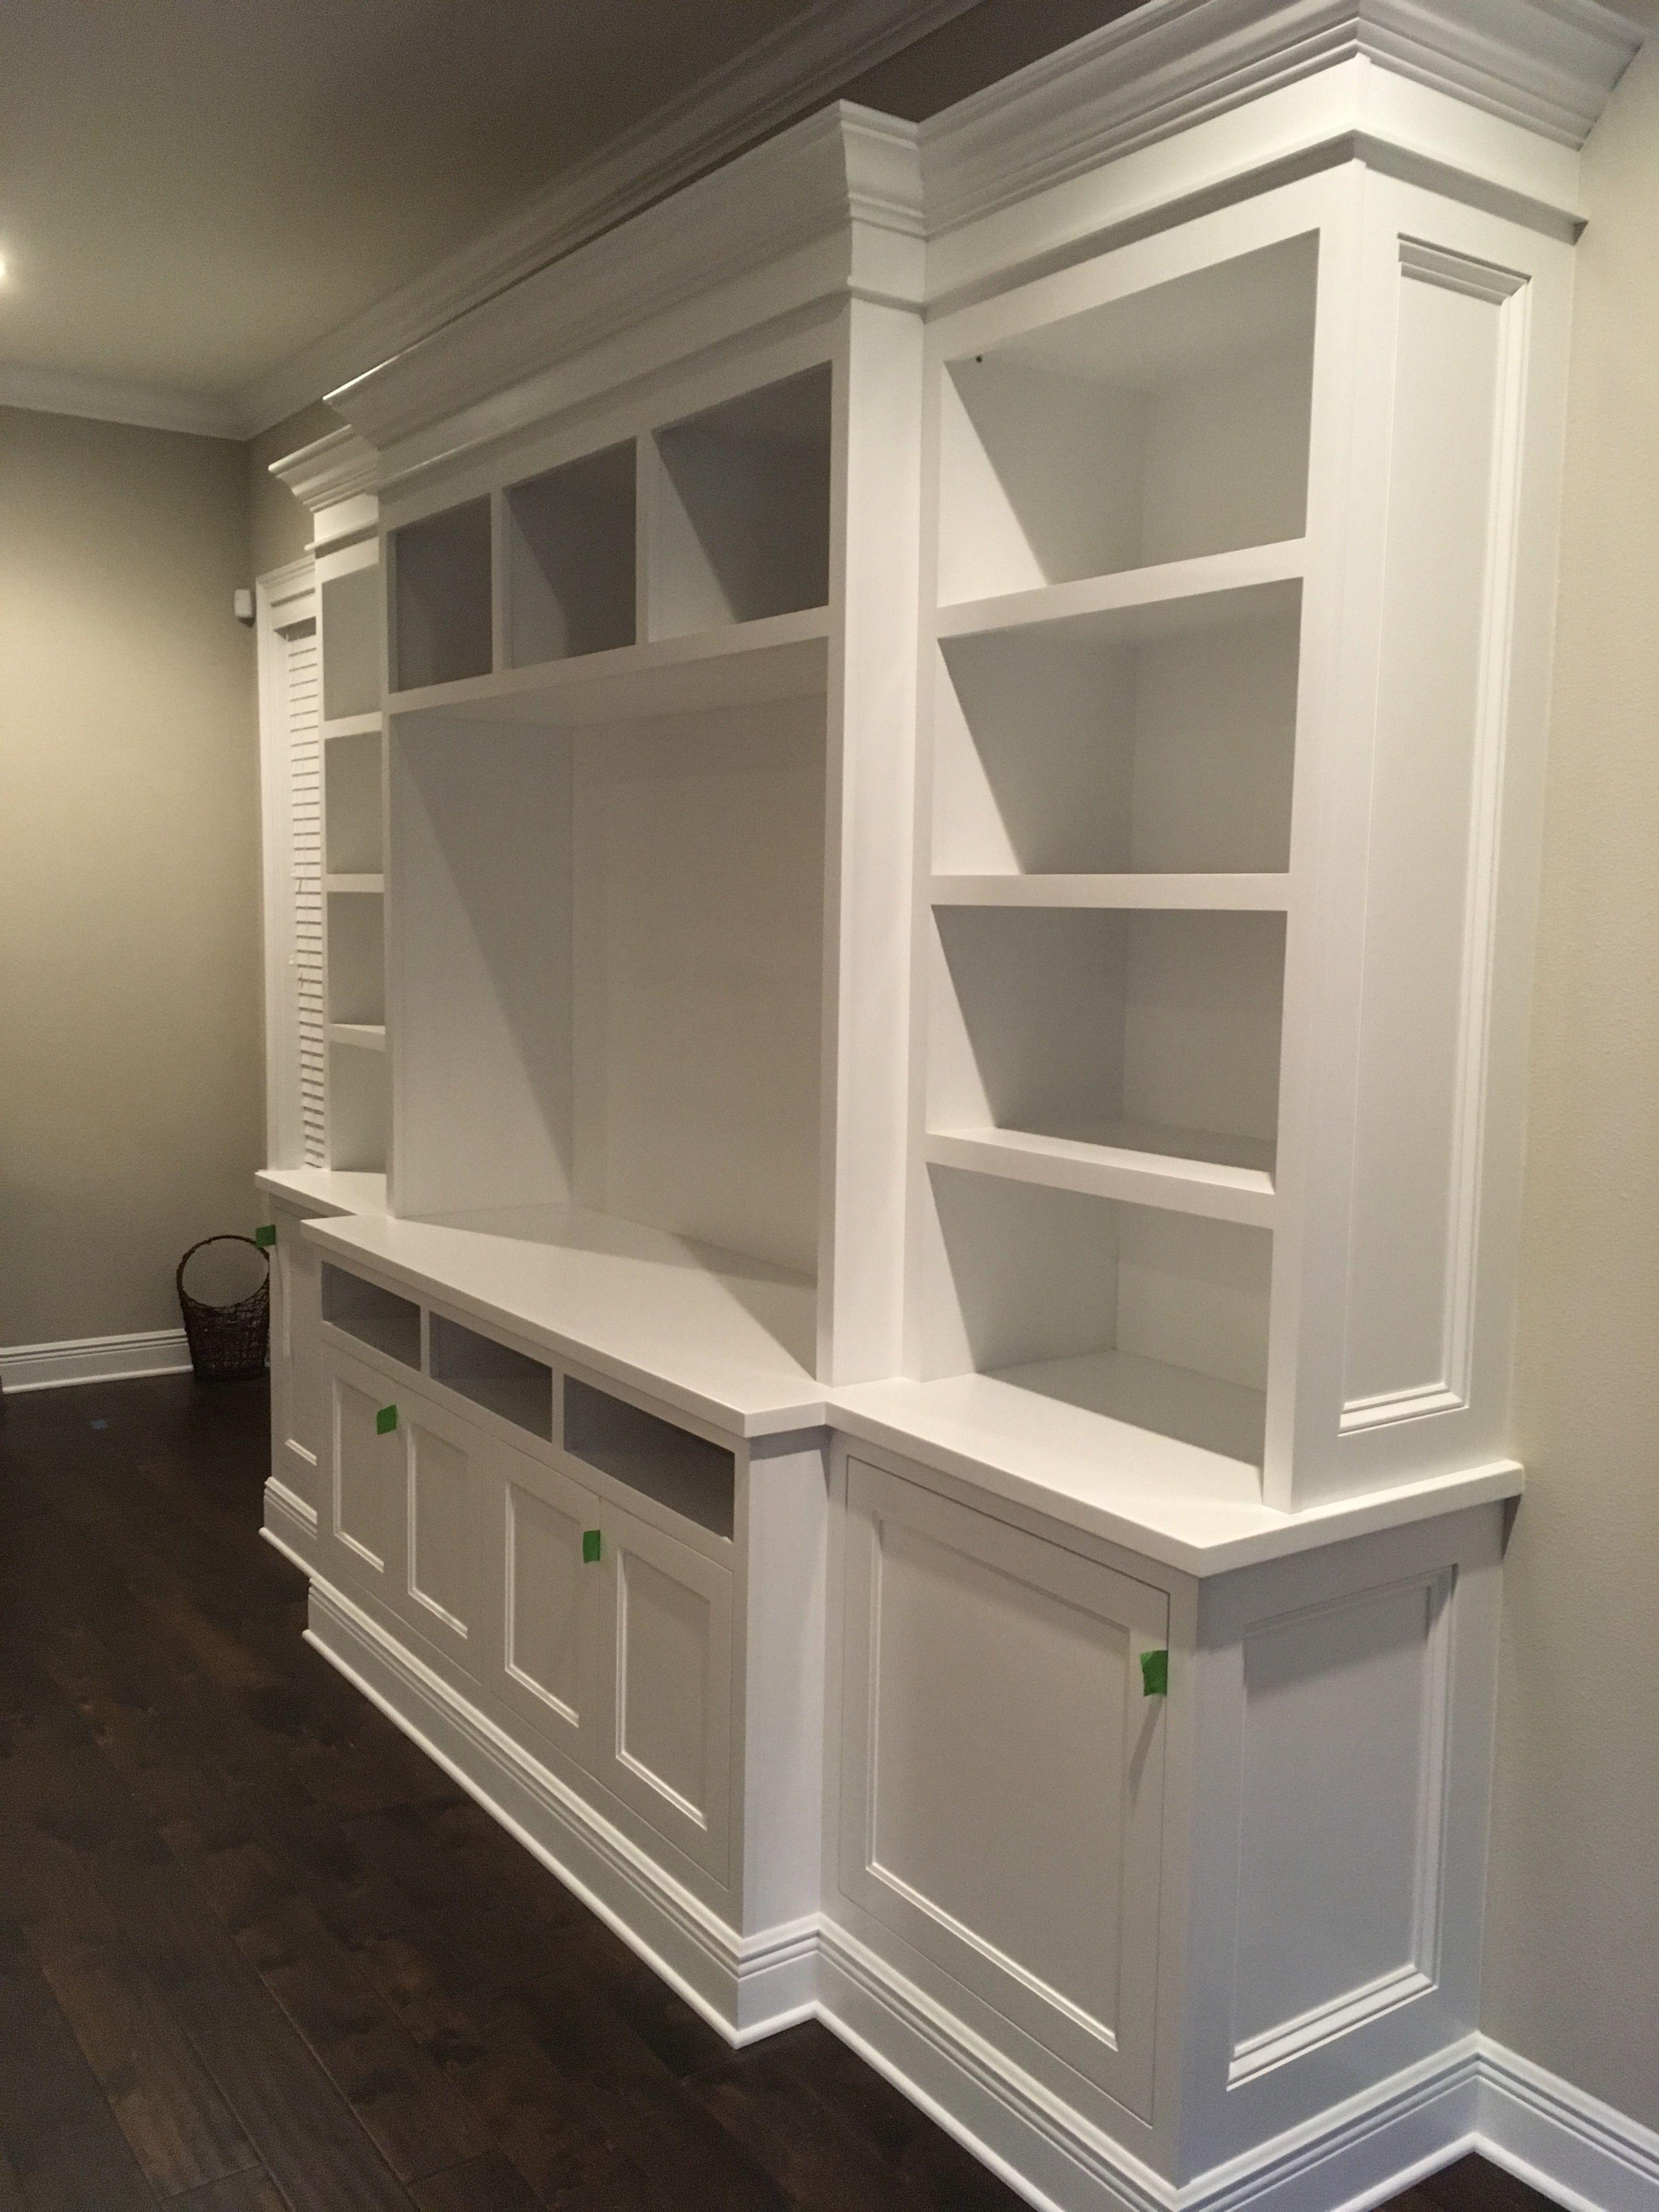 Family Room Built In Installing The Top Or Header Bookshelves Diy Built In Shelves Living Room Built In Wall Shelves